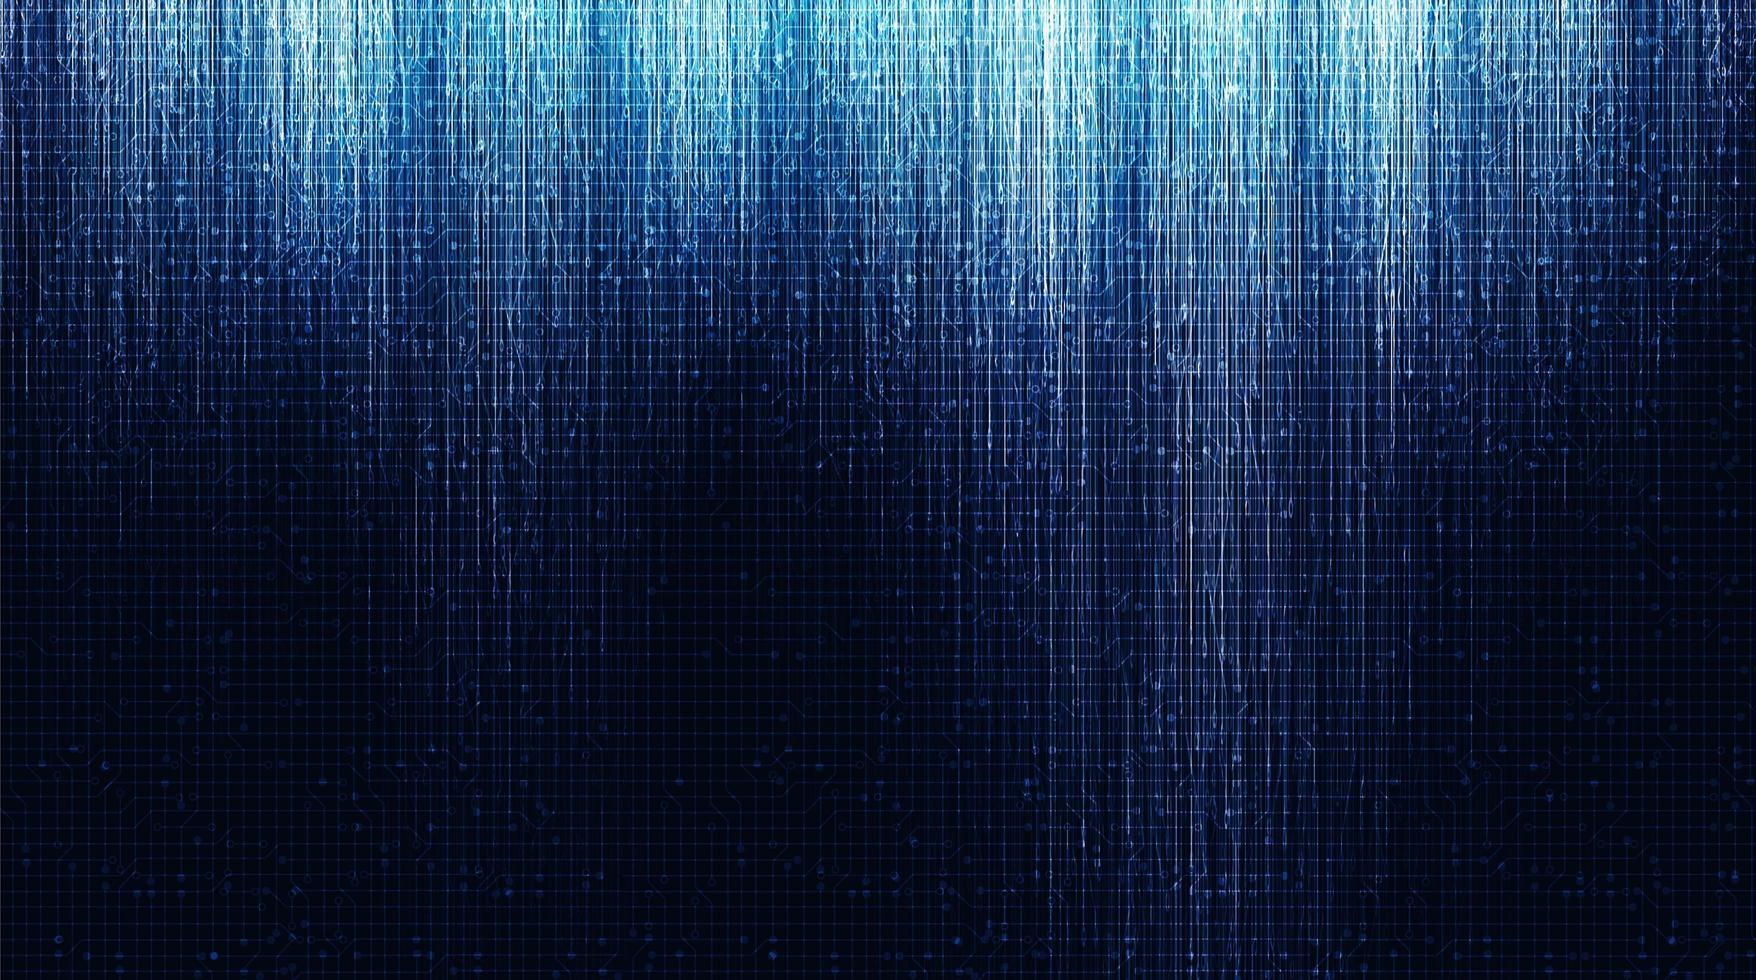 Technologie-Hintergrund der Geschwindigkeits-elektronischen Schaltung. vektor